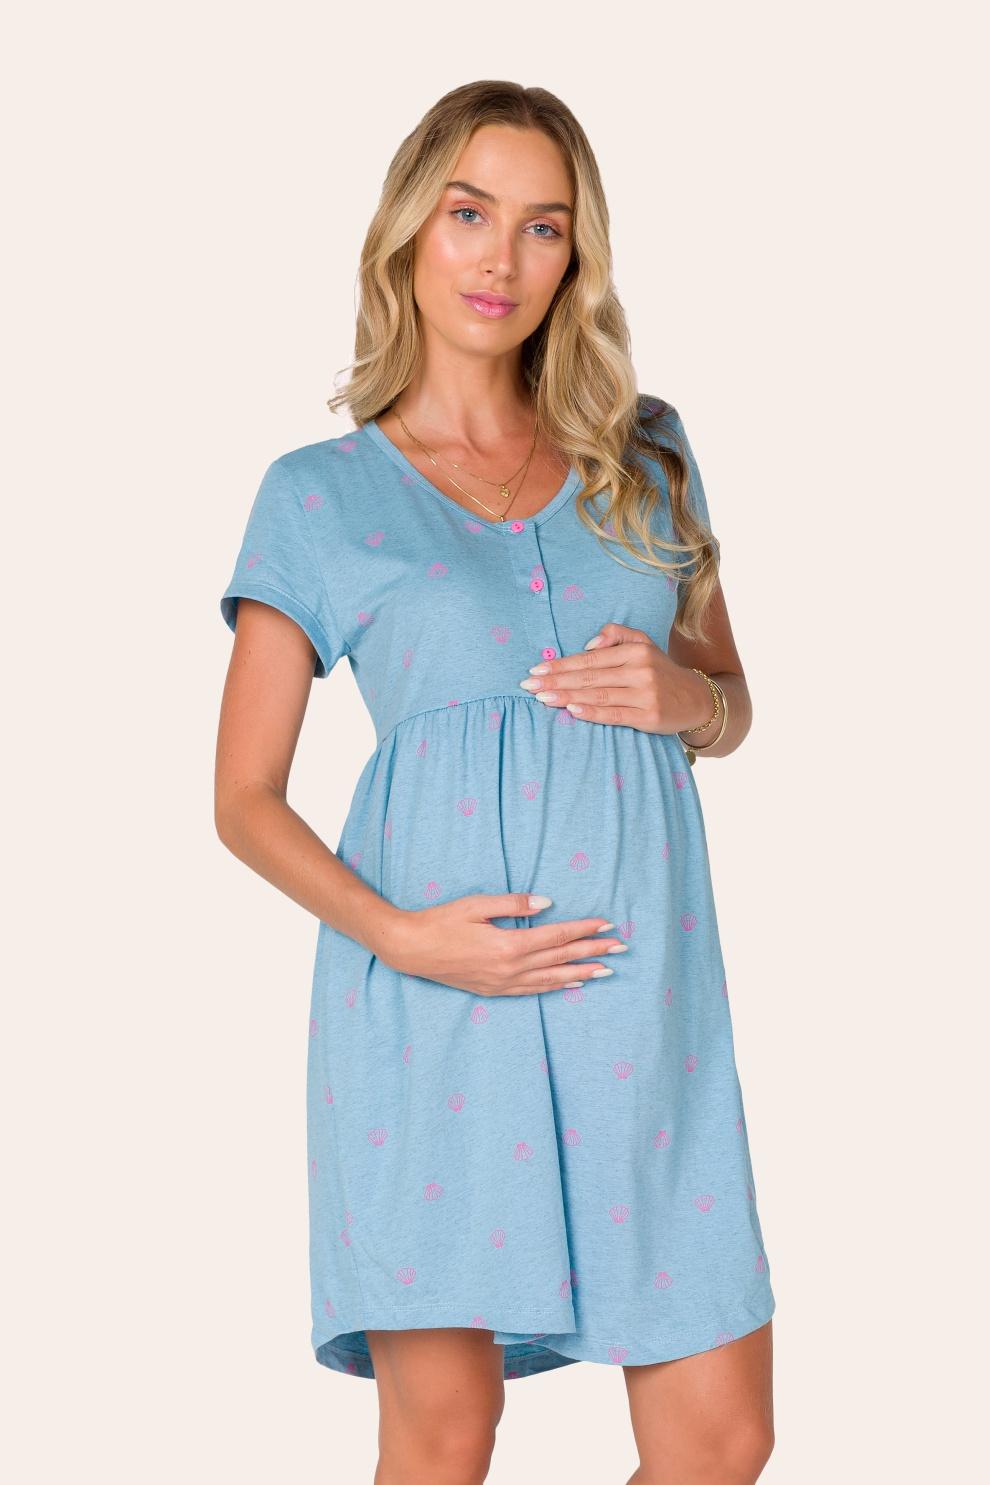 003/A - Camisola Maternidade Conchinhas